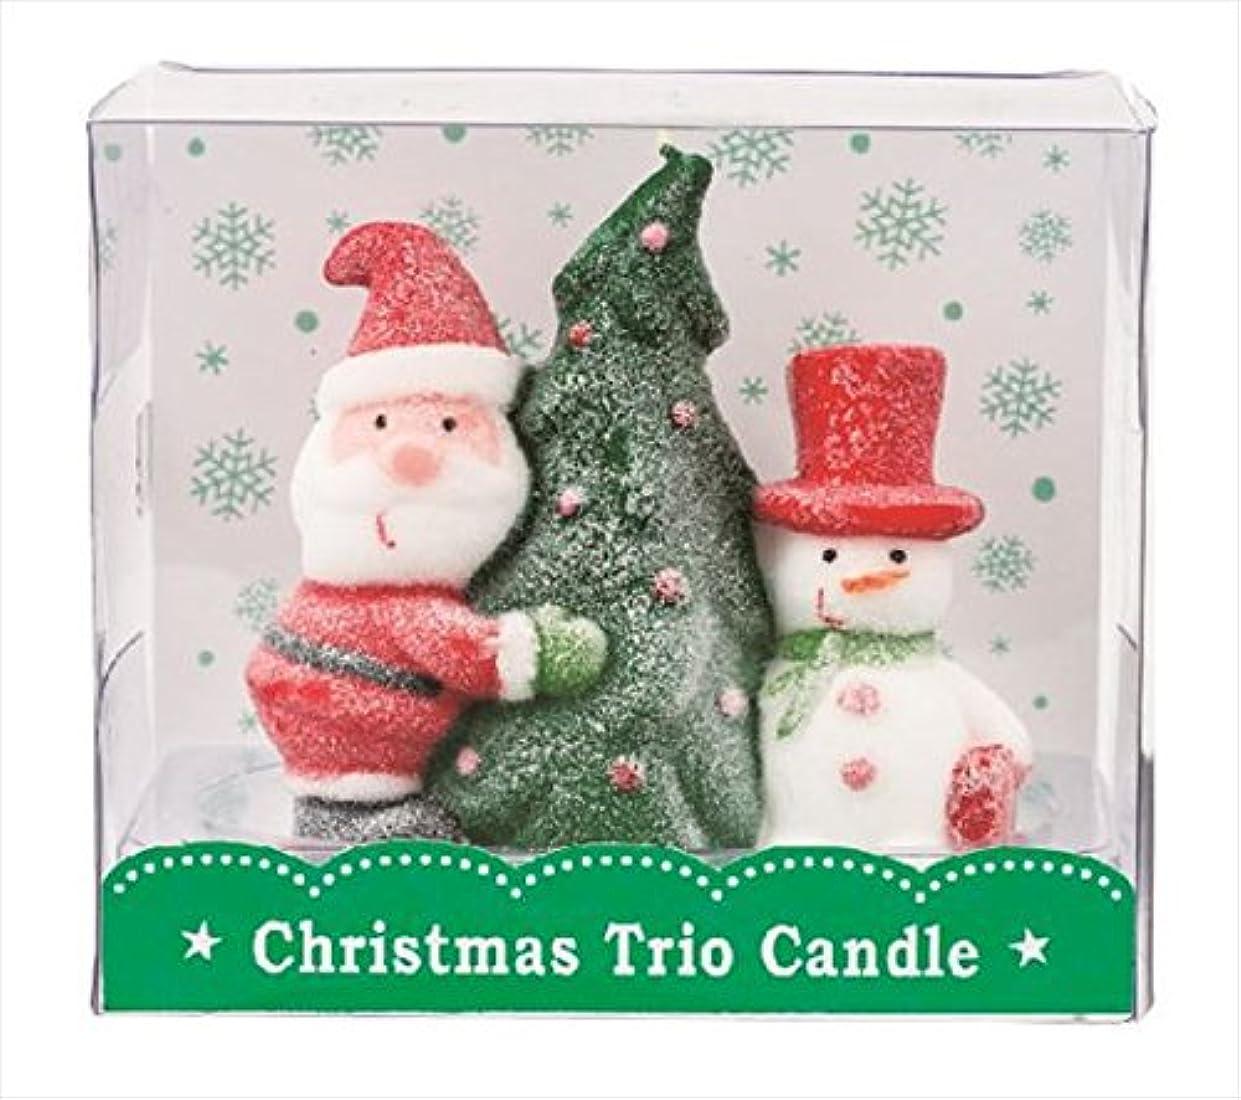 航空パラメータ絶壁カメヤマキャンドル(kameyama candle) クリスマストリオキャンドル 「 ツリー 」